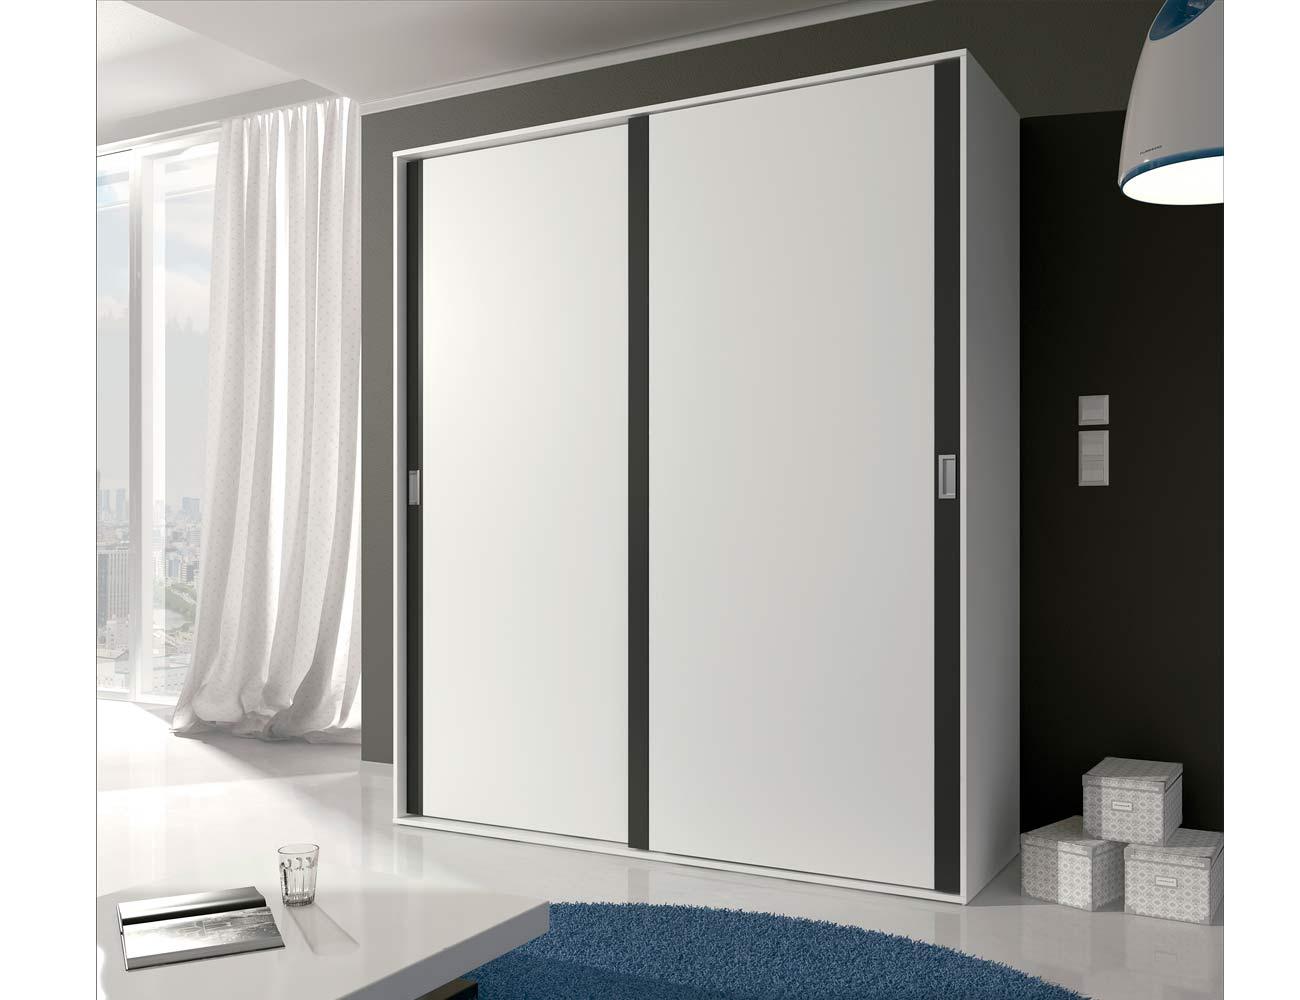 Detalle armario puertas correderas blanco grafito1